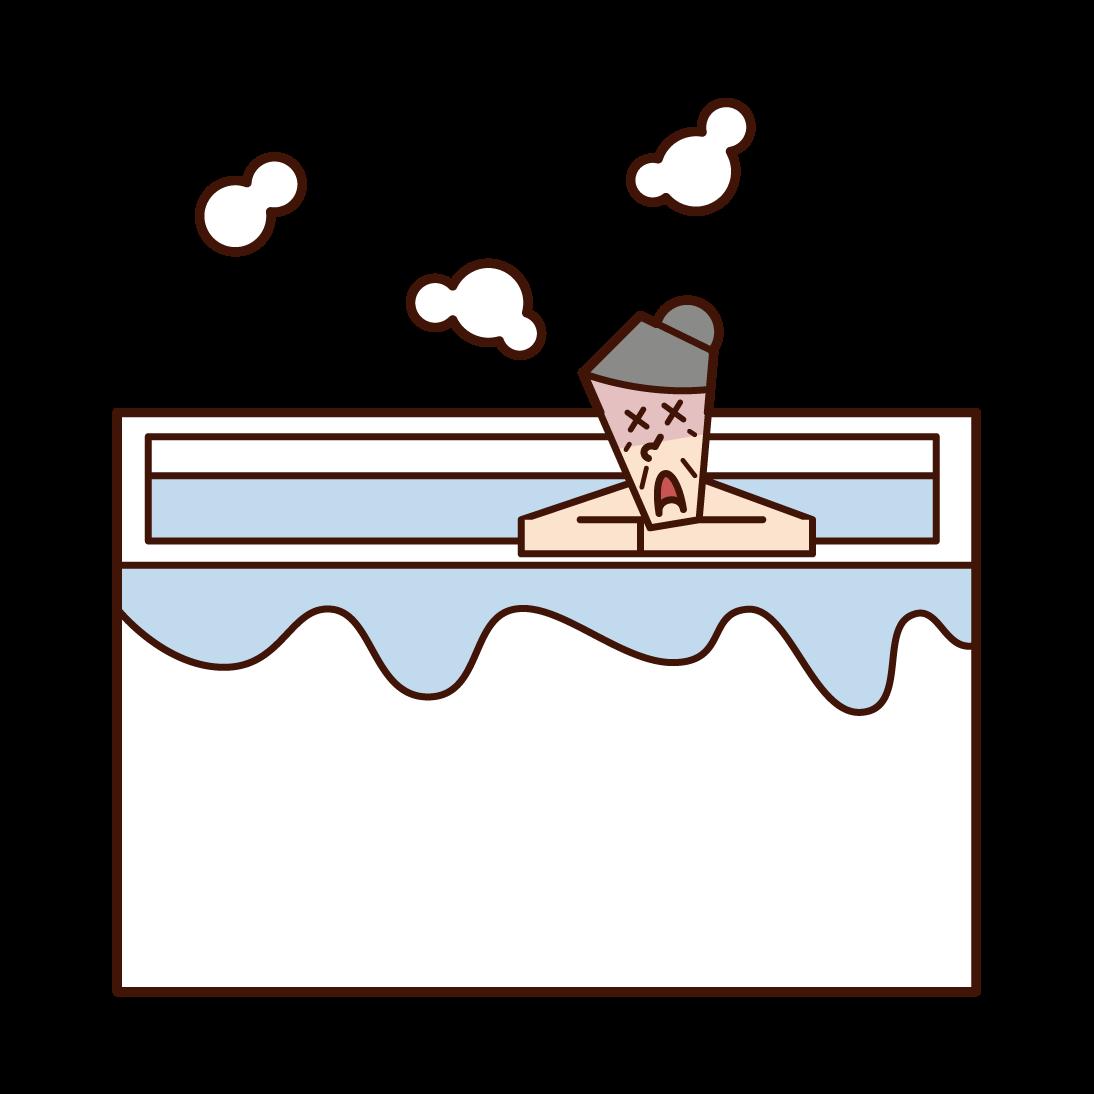 在浴缸裡昏昏不著的人(祖母)的插圖